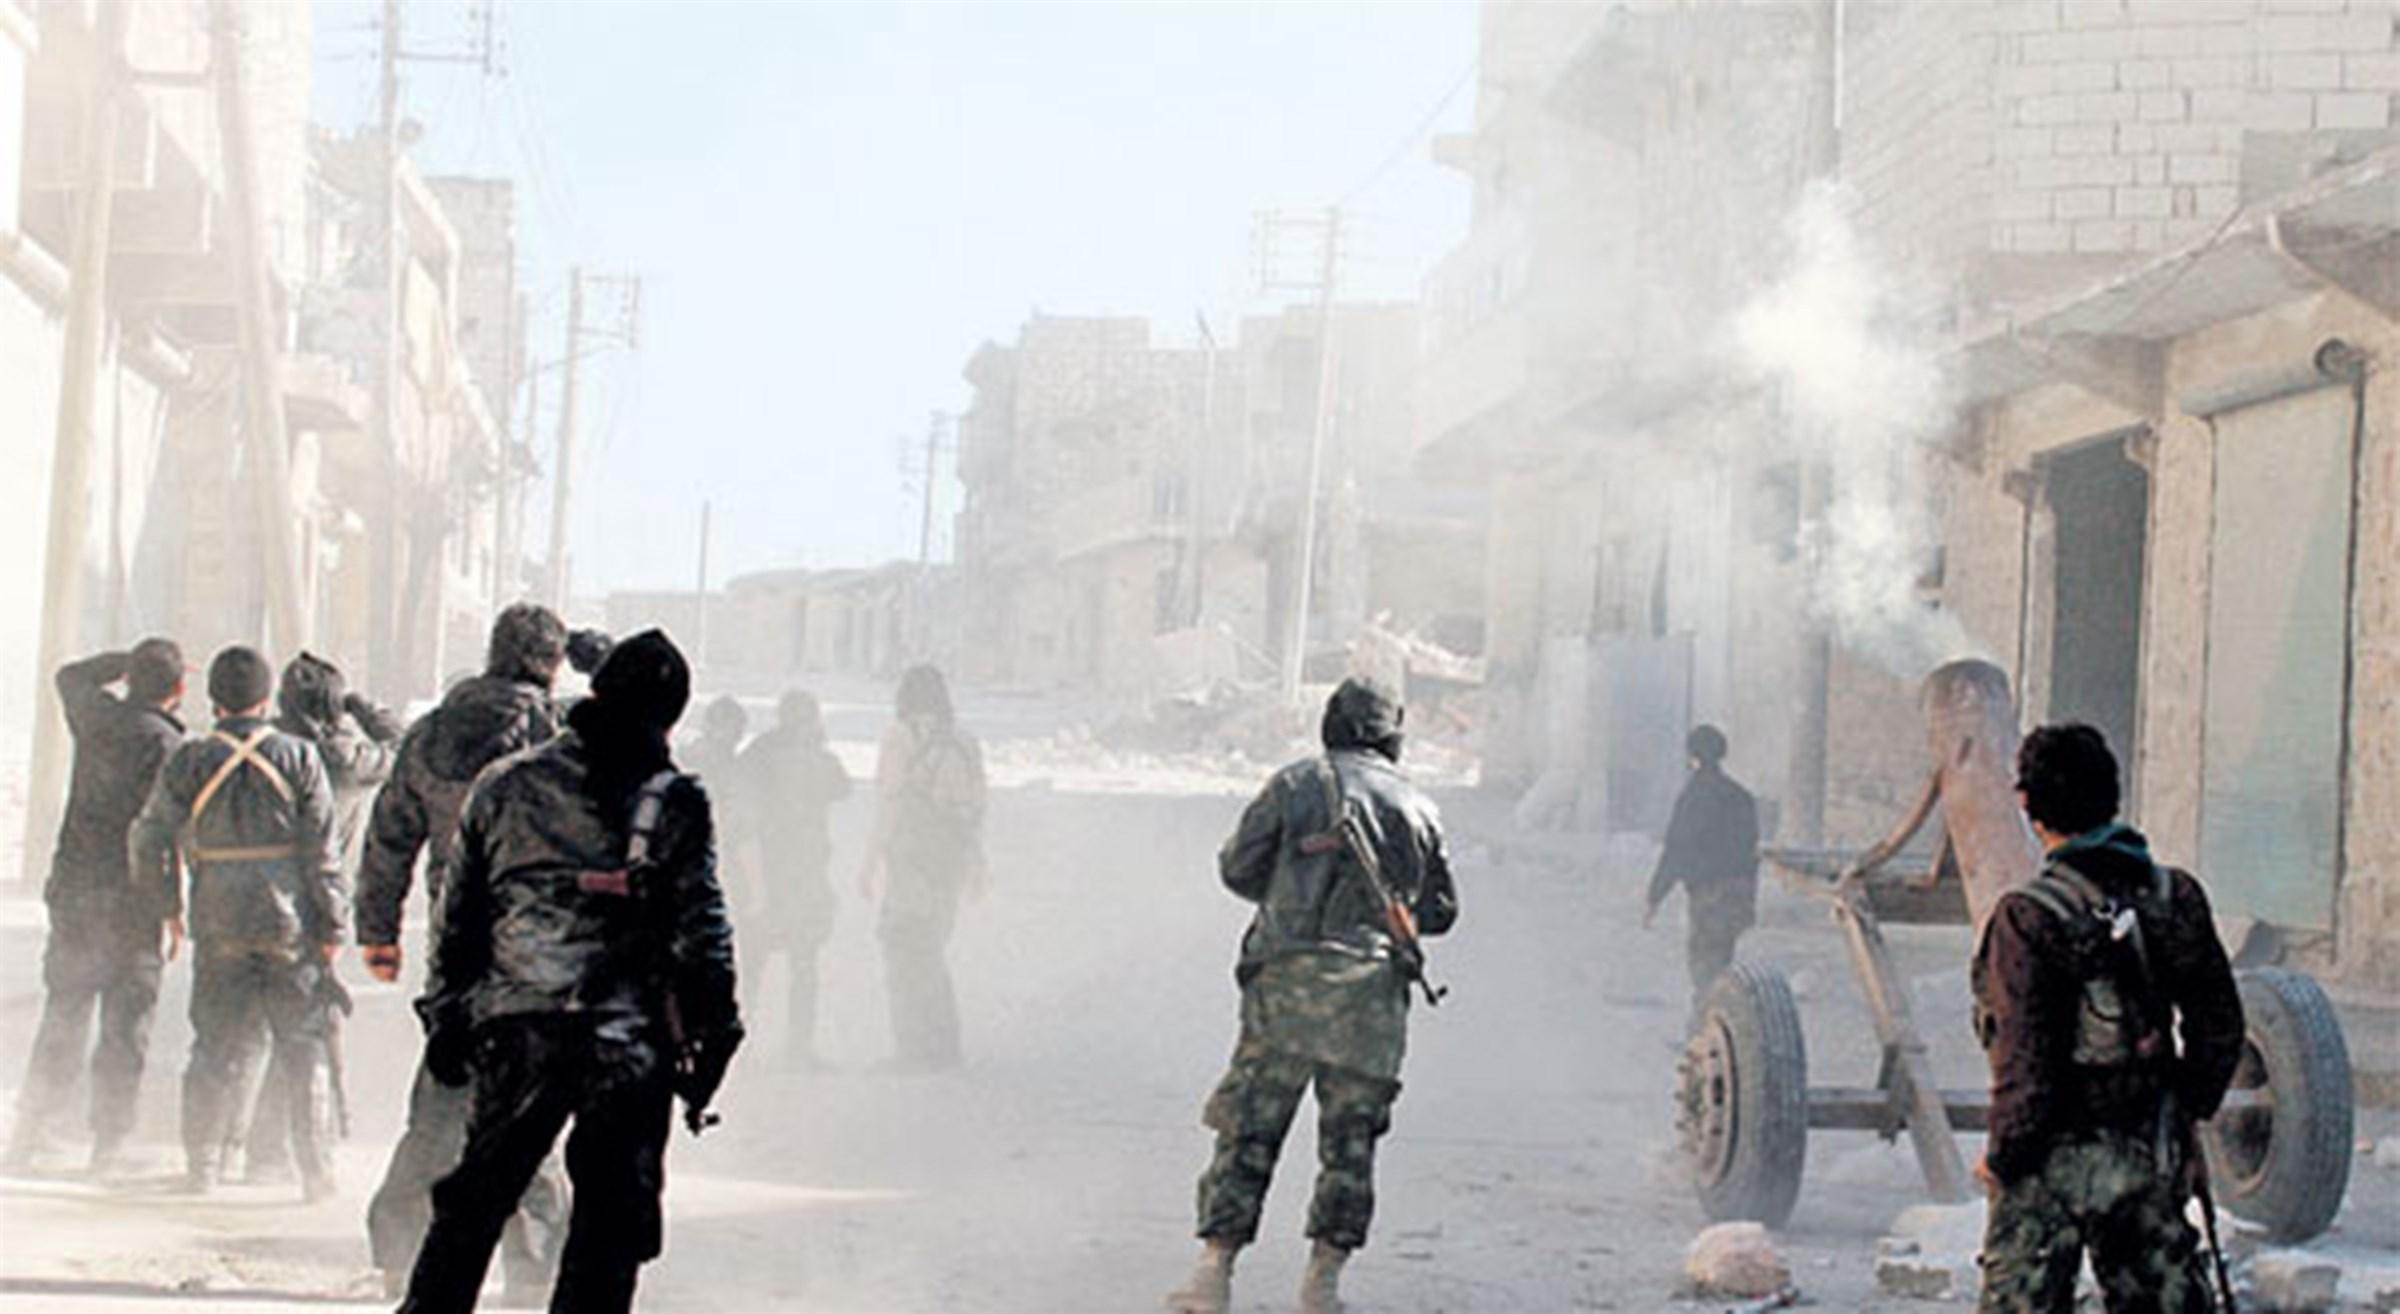 يبرود سيطرة الجيش السوري بالكامل